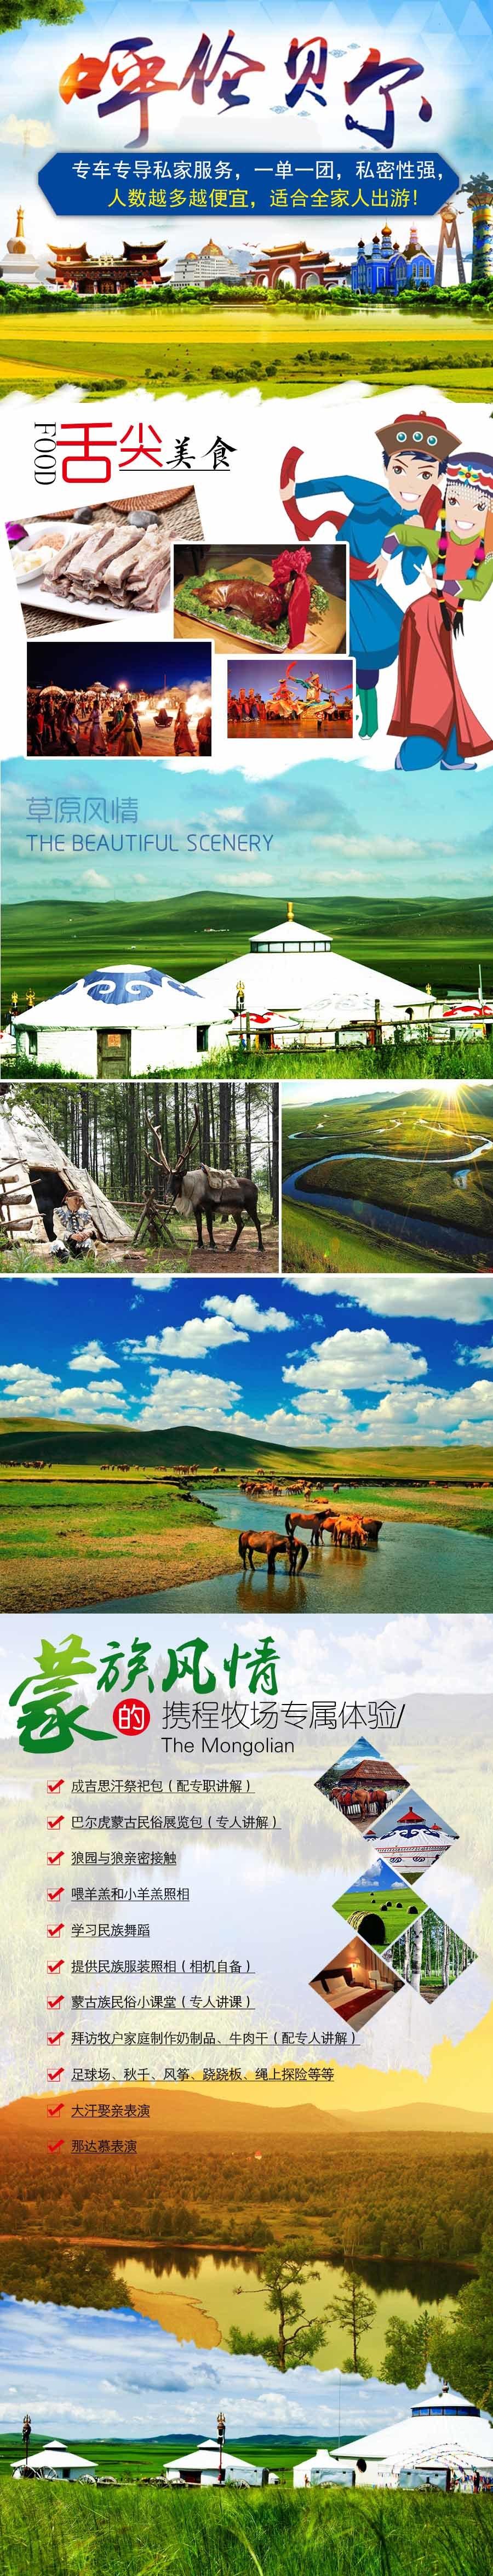 在的时间,去最合适的景点,拍最美的照片 ★弘吉剌部蒙古包住宿,草原